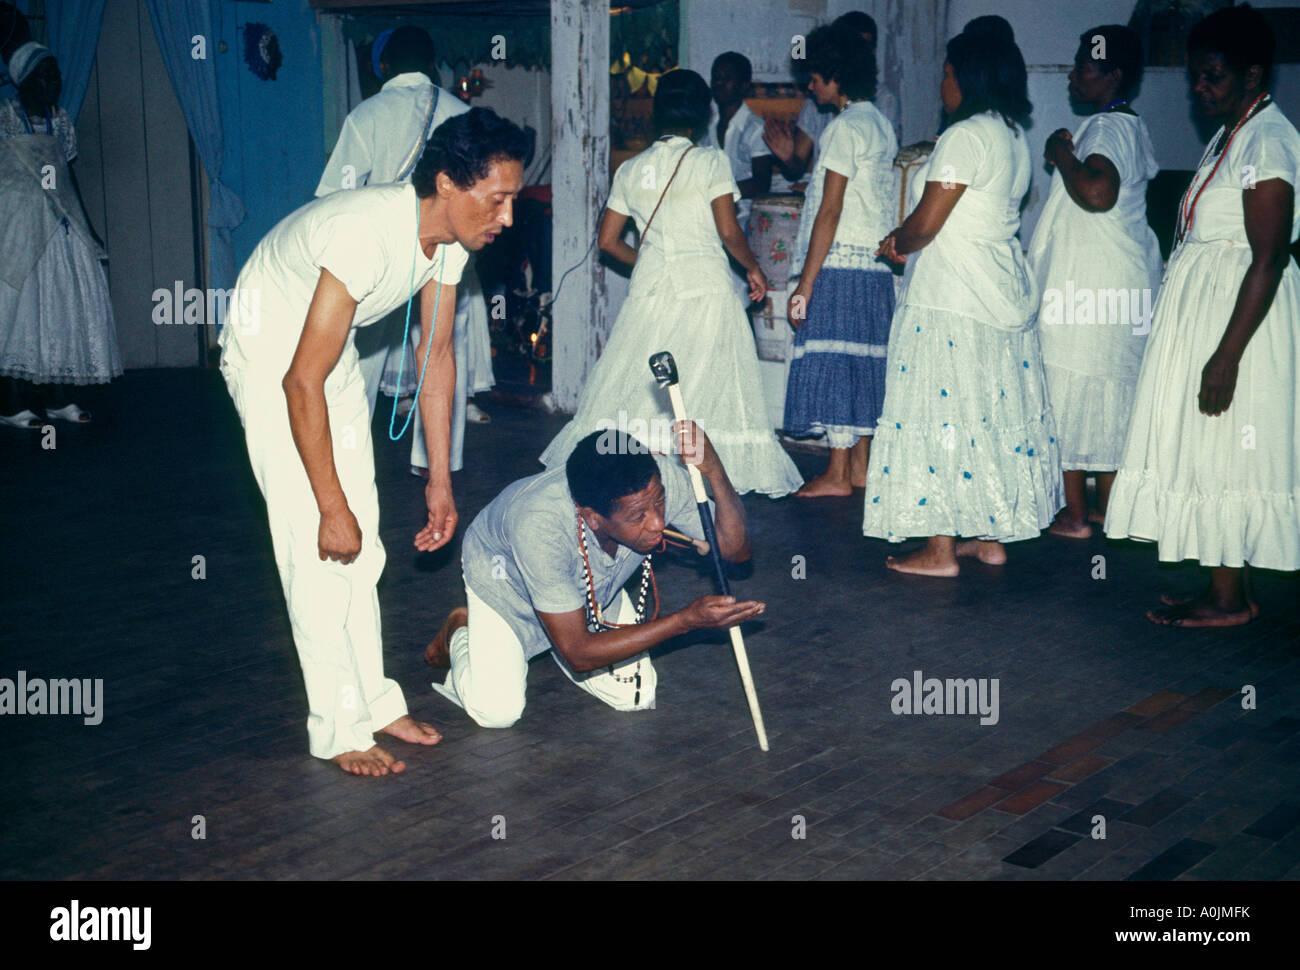 candomble ceremony, religious service, spiritualist, priest, Rio de Janeiro, Rio de Janeiro State, Brazil, South - Stock Image